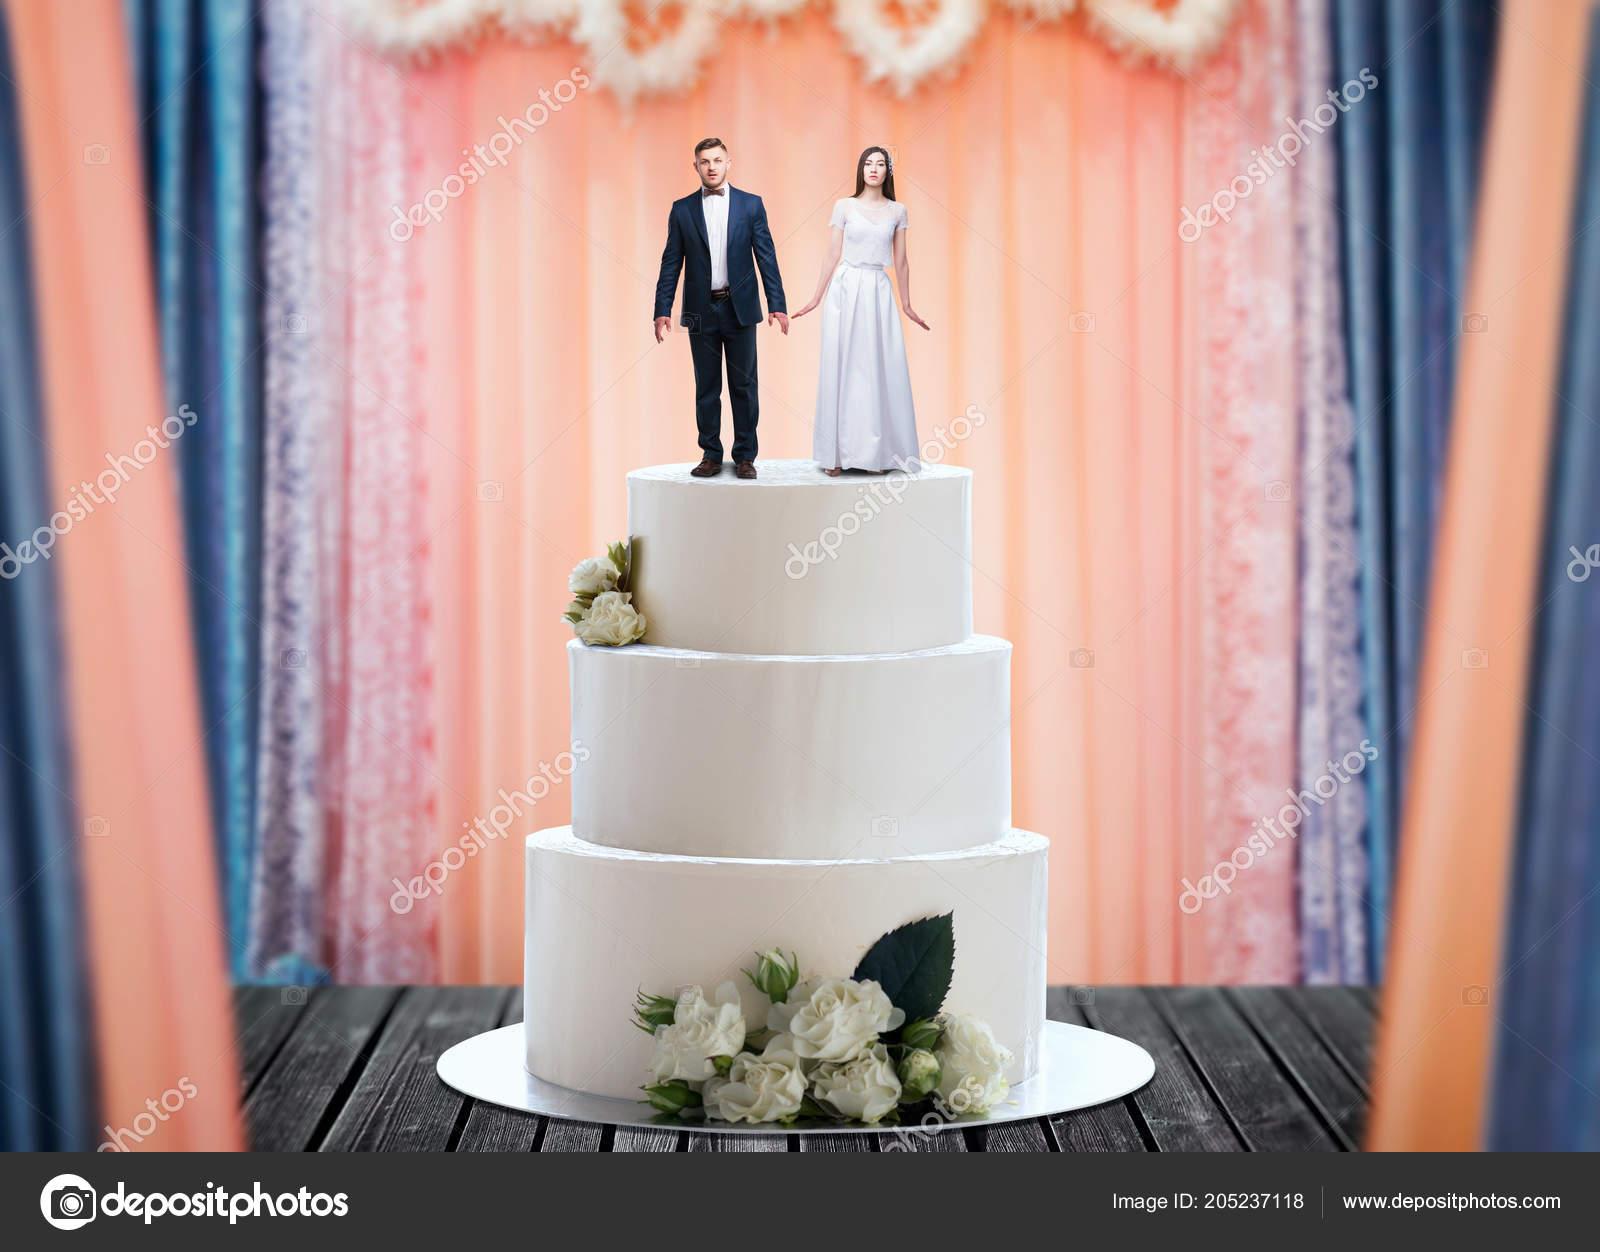 Hochzeitstorte Mit Brautpaar Figuren Auf Der Oberen Heiratsantrag